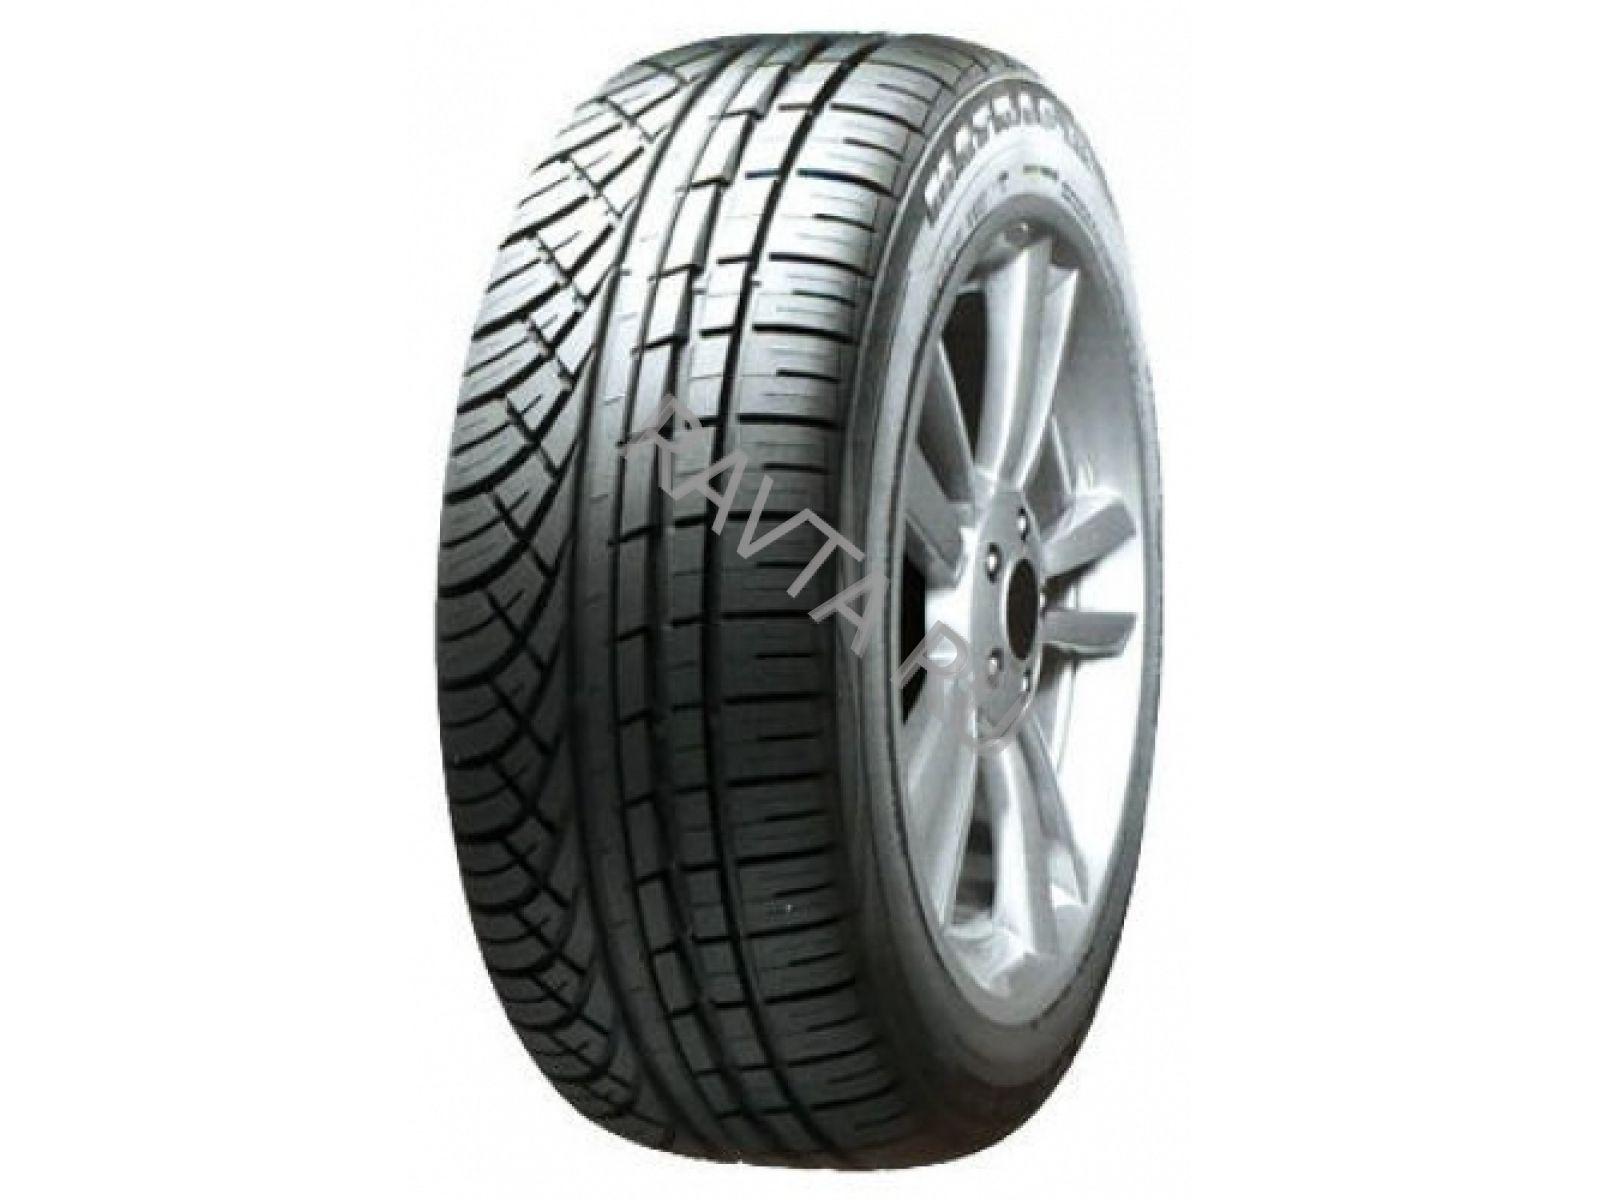 Шина Marshal KH35 XL 225/55 R16 99WЛегковые шины<br><br><br>Артикул: 2150083<br>Сезонность шины: летняя<br>Индекс максимальной скорости: W (270 км/ч)<br>Бренд: Marshal<br>Высота профиля шины: 55<br>Ширина профиля шины: 225<br>Диаметр: 16<br>Индекс нагрузки: 99<br>Тип автомобиля: легковой автомобиль<br>Родина бренда: Южная Корея